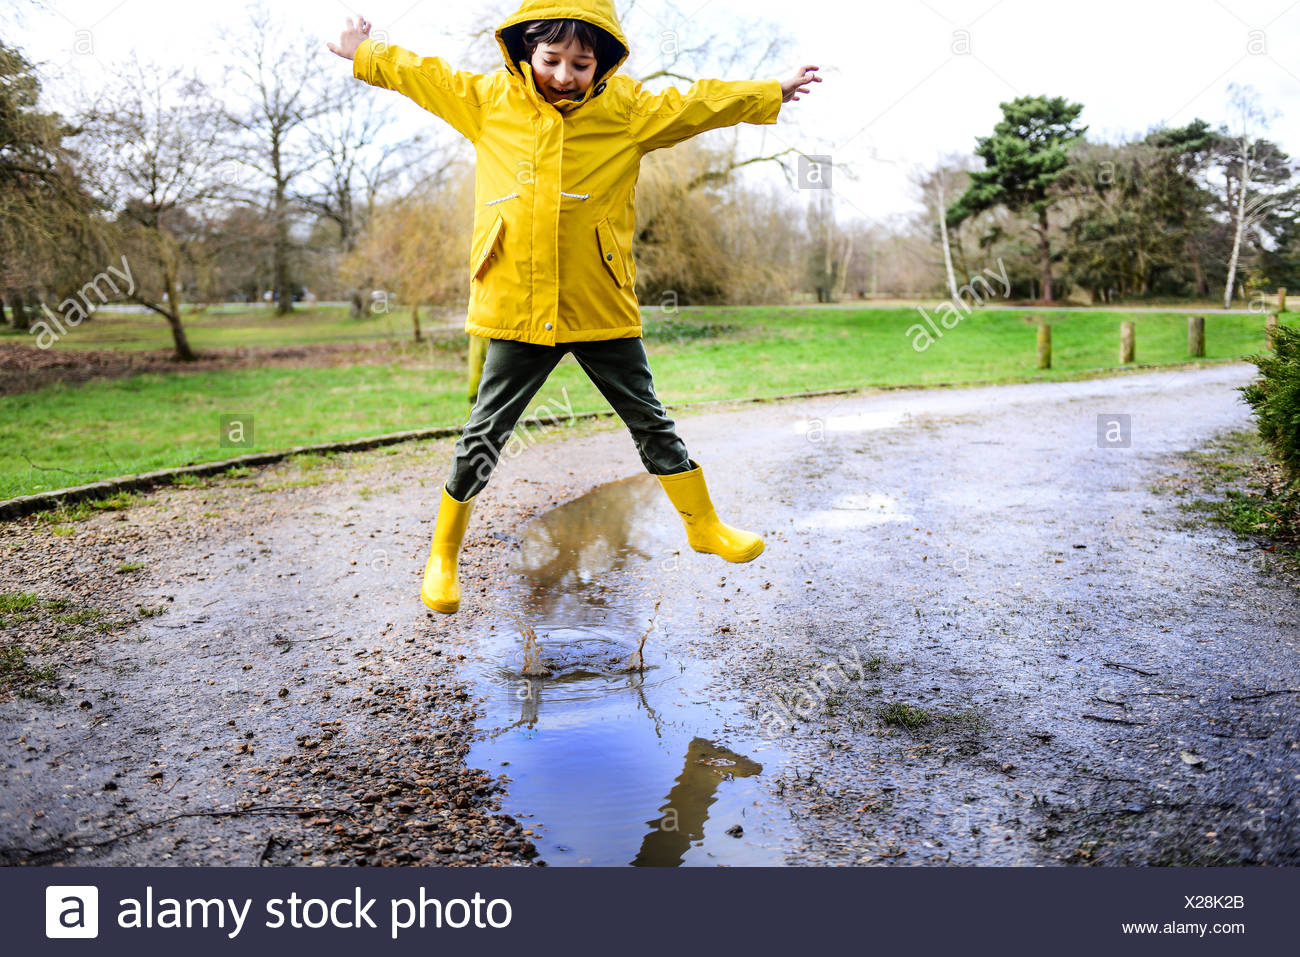 Chico en anorak amarillo saltar por encima de charco en park Imagen De Stock